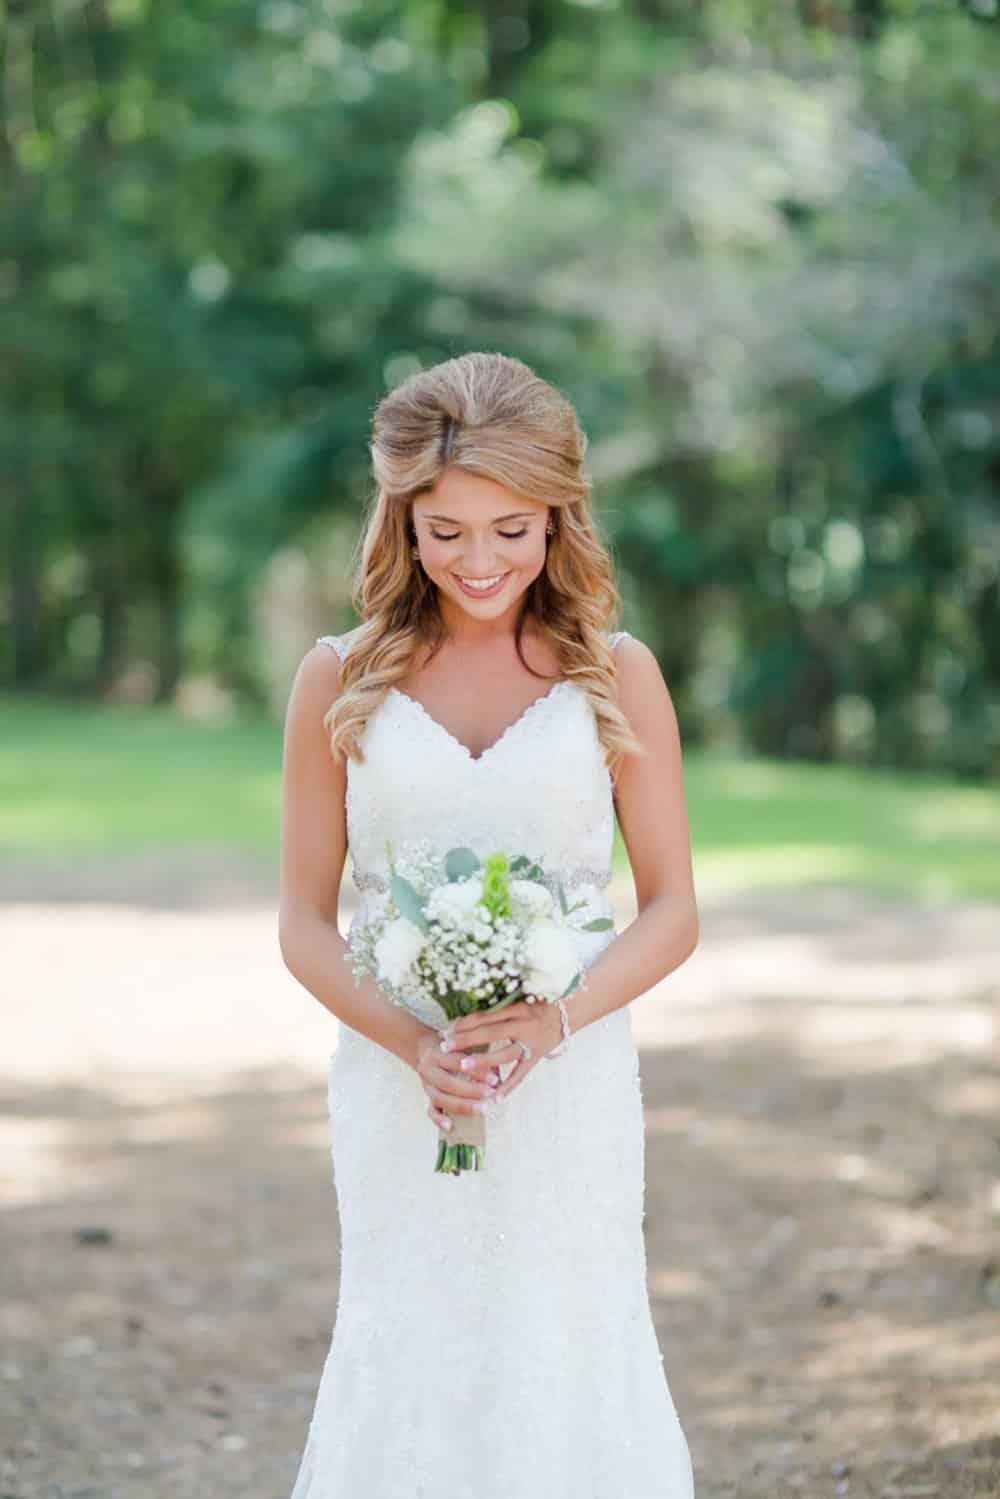 bride, bouquet, wedding gown